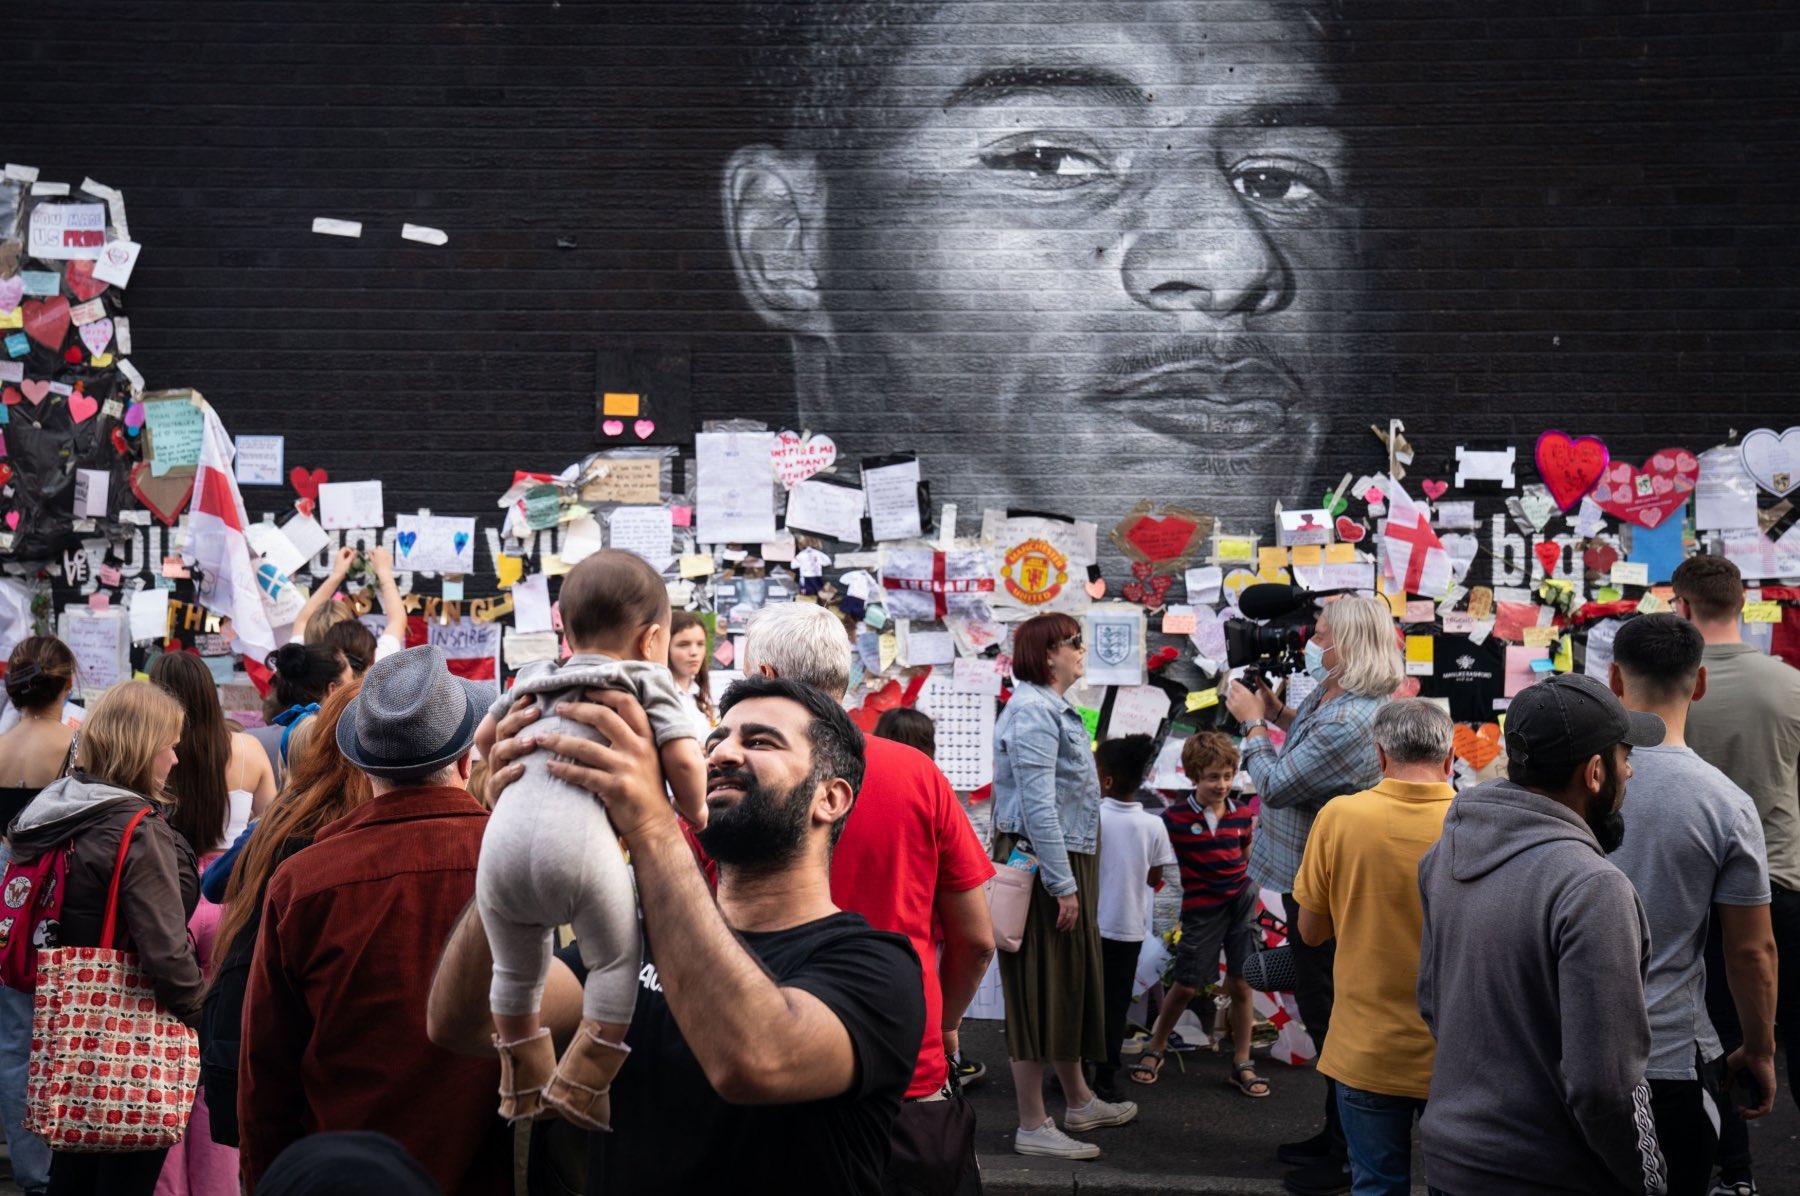 Razzisti sfregiano murale di Rashford, e in risposta la città lo copre di messaggi d'affetto